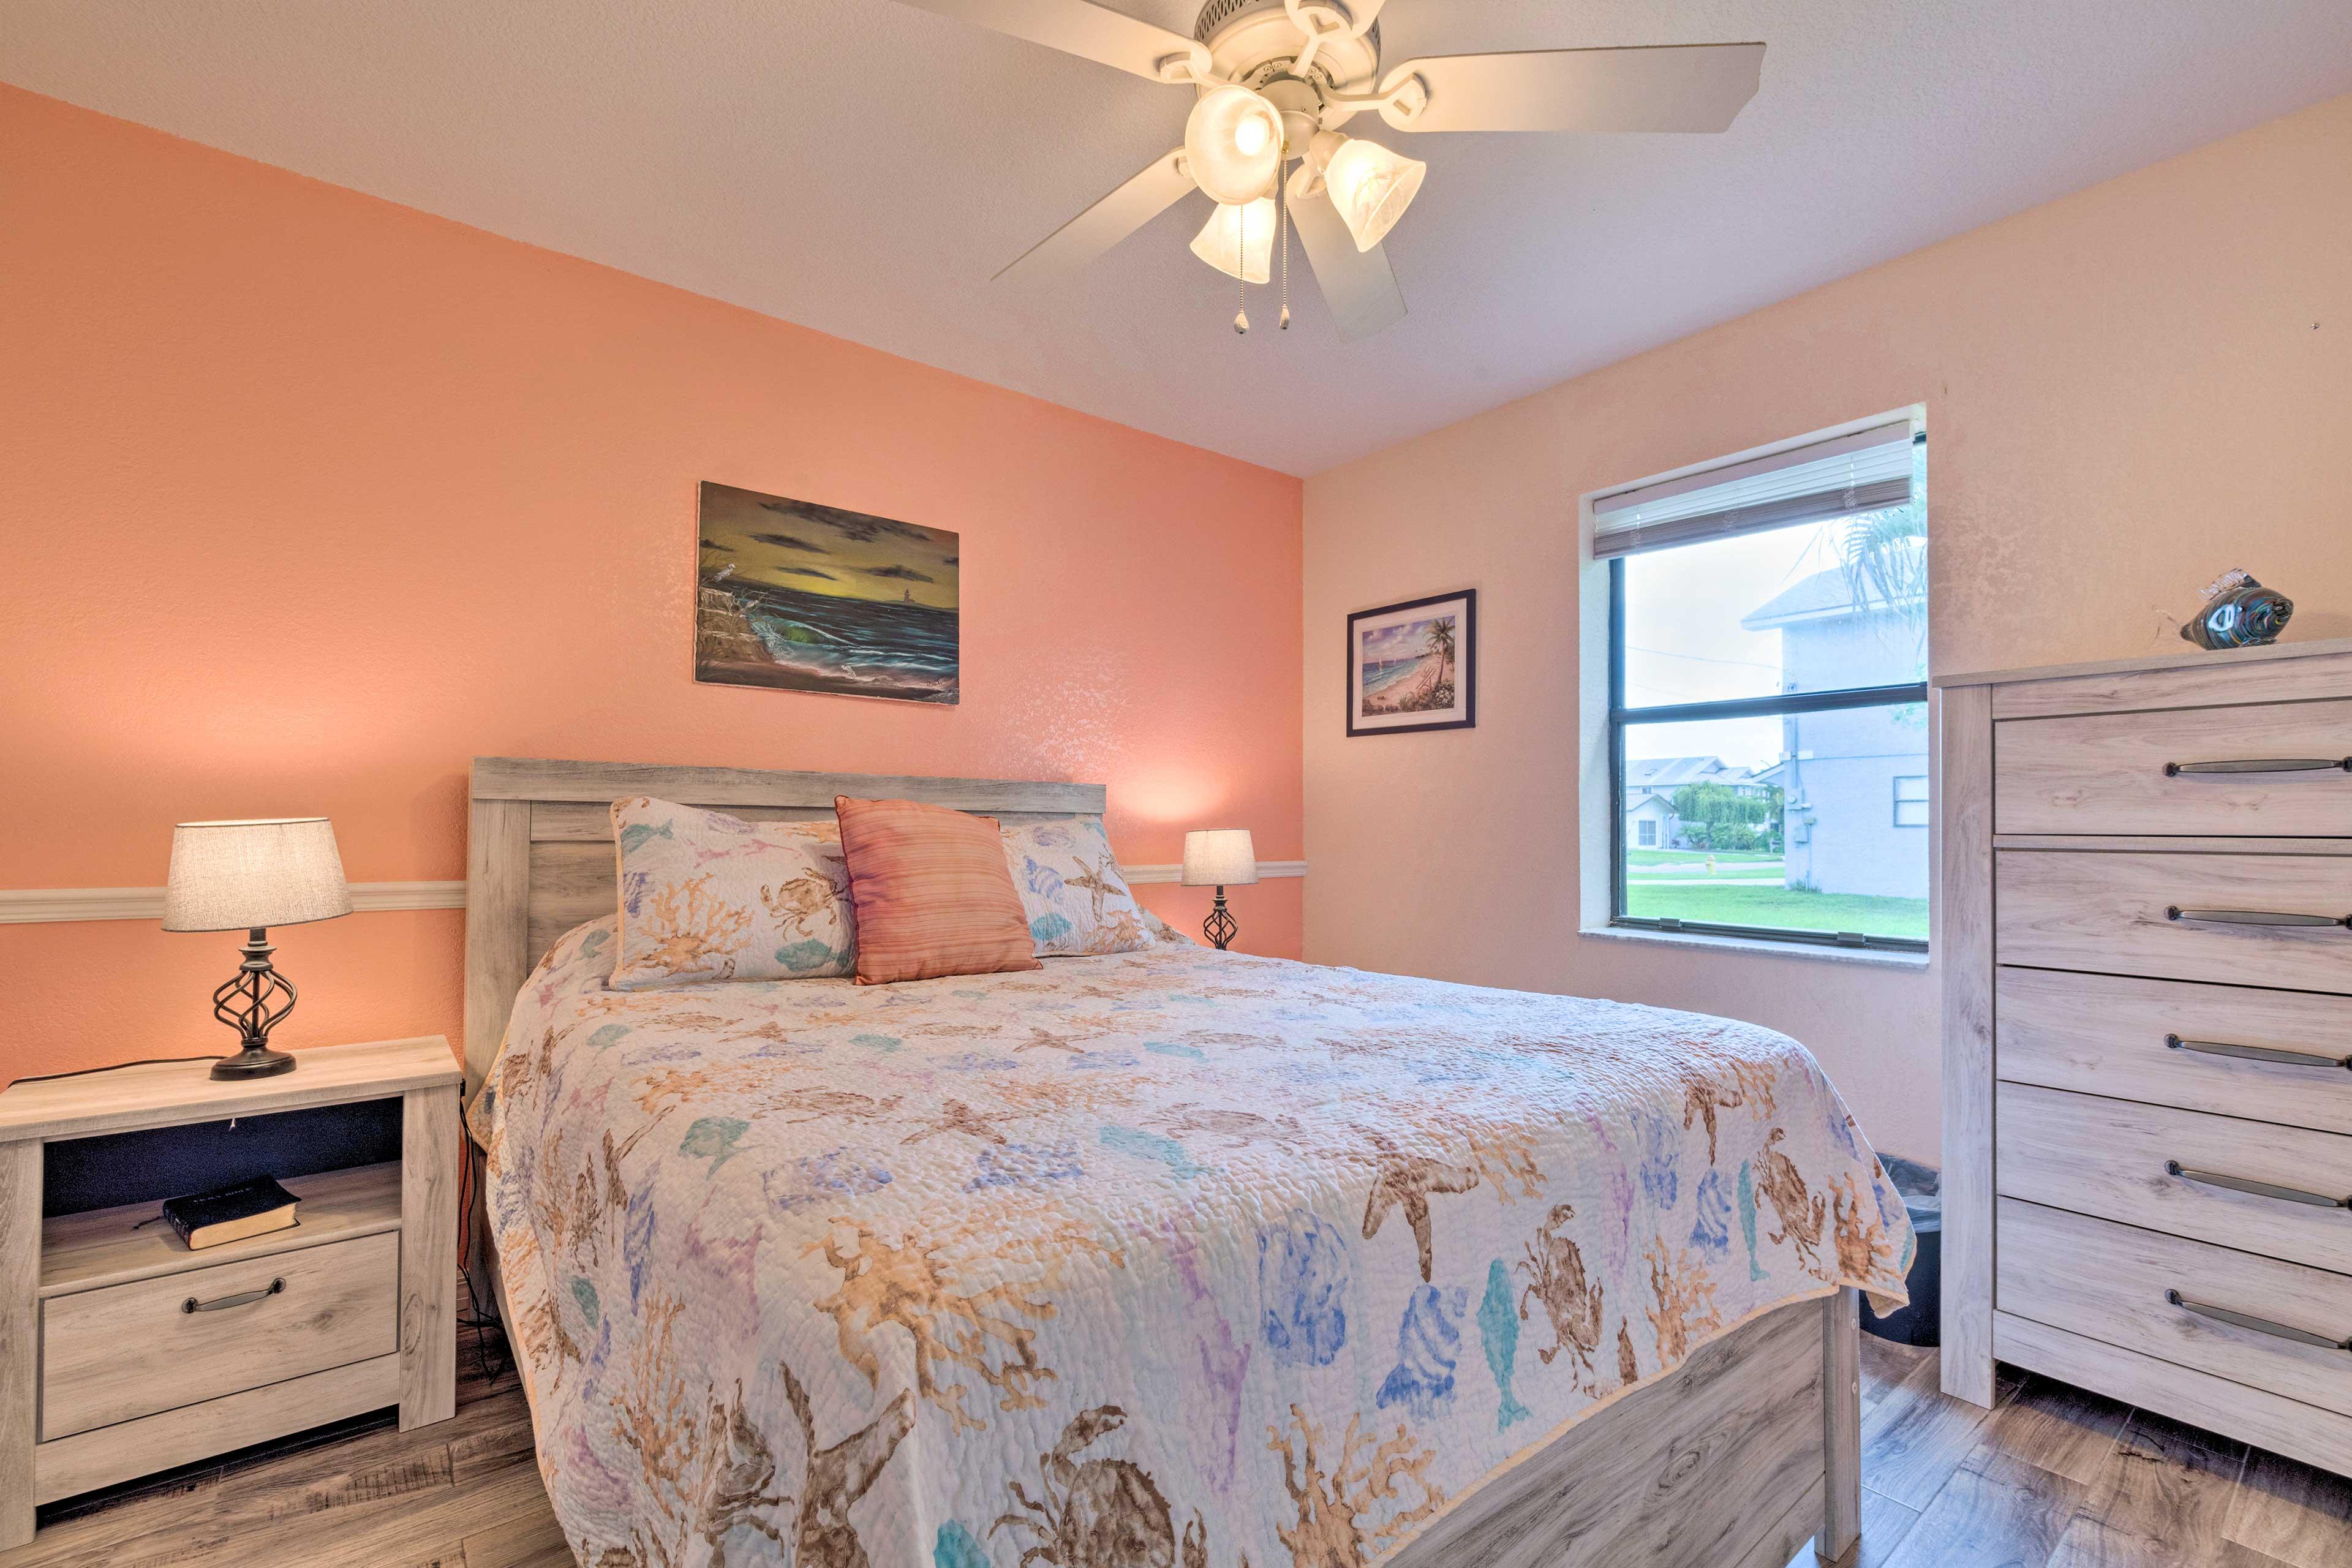 Bedroom 2 features a queen bed.